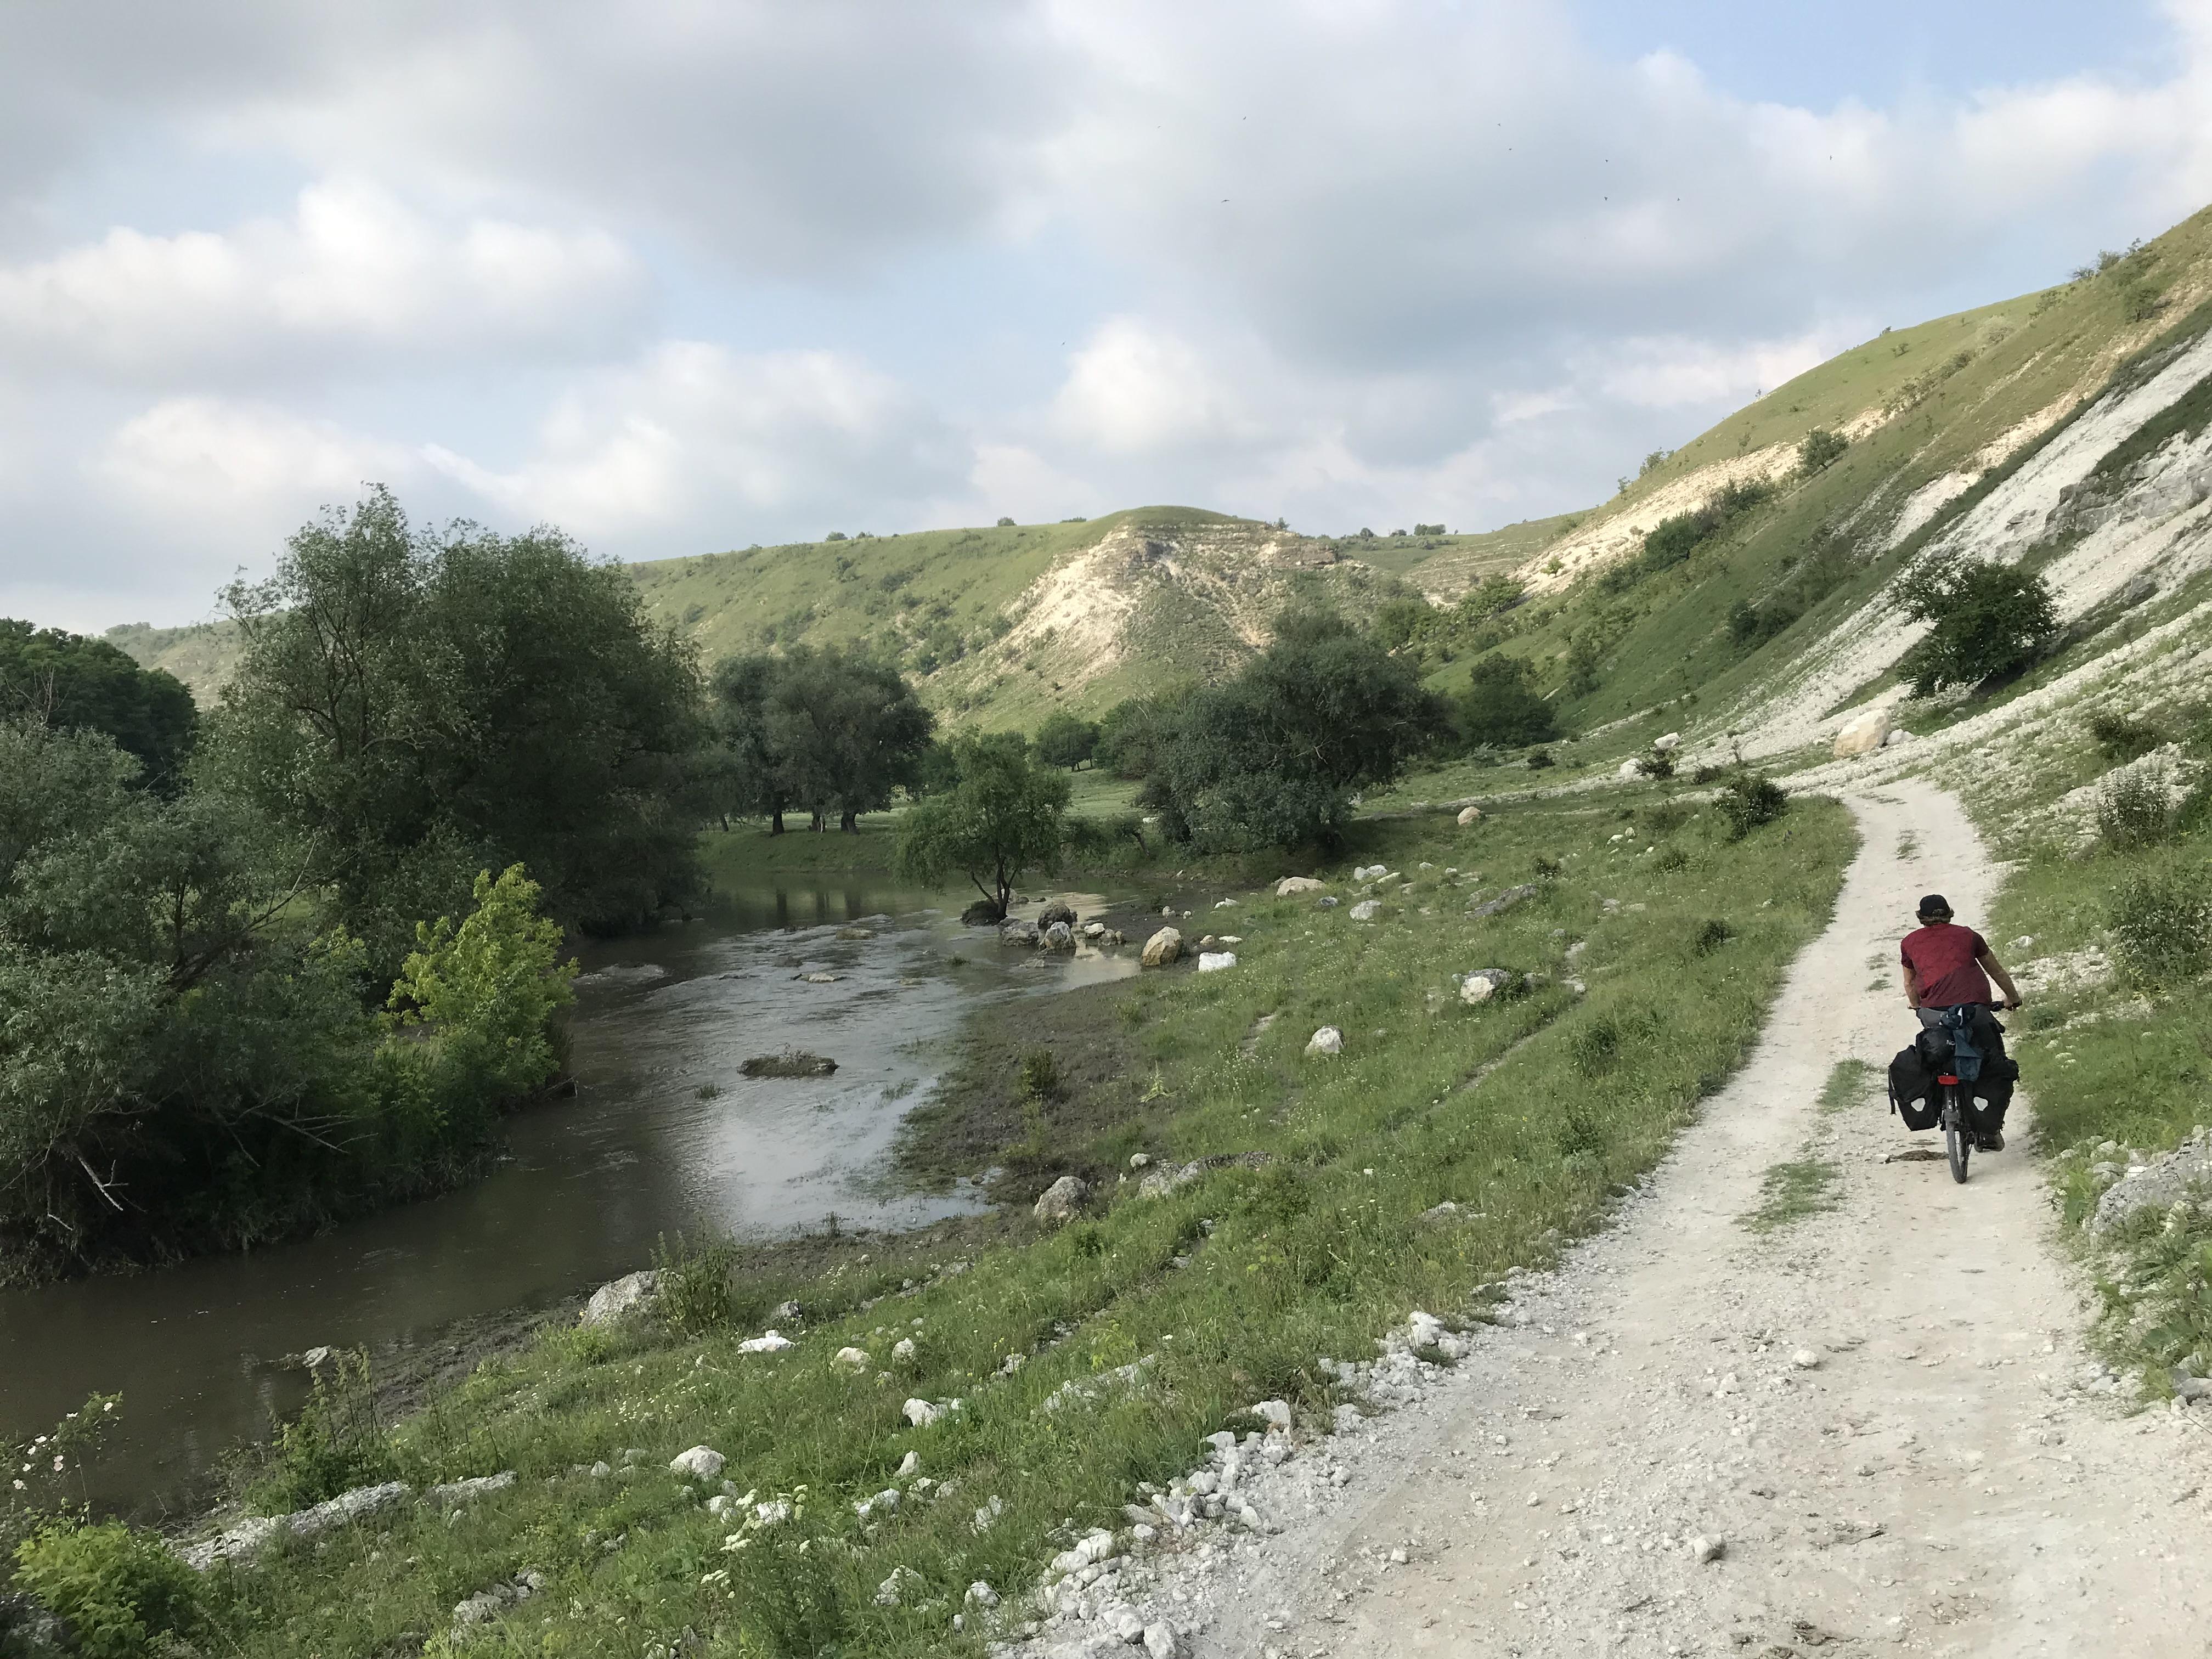 Schotterwege auf der Radreise